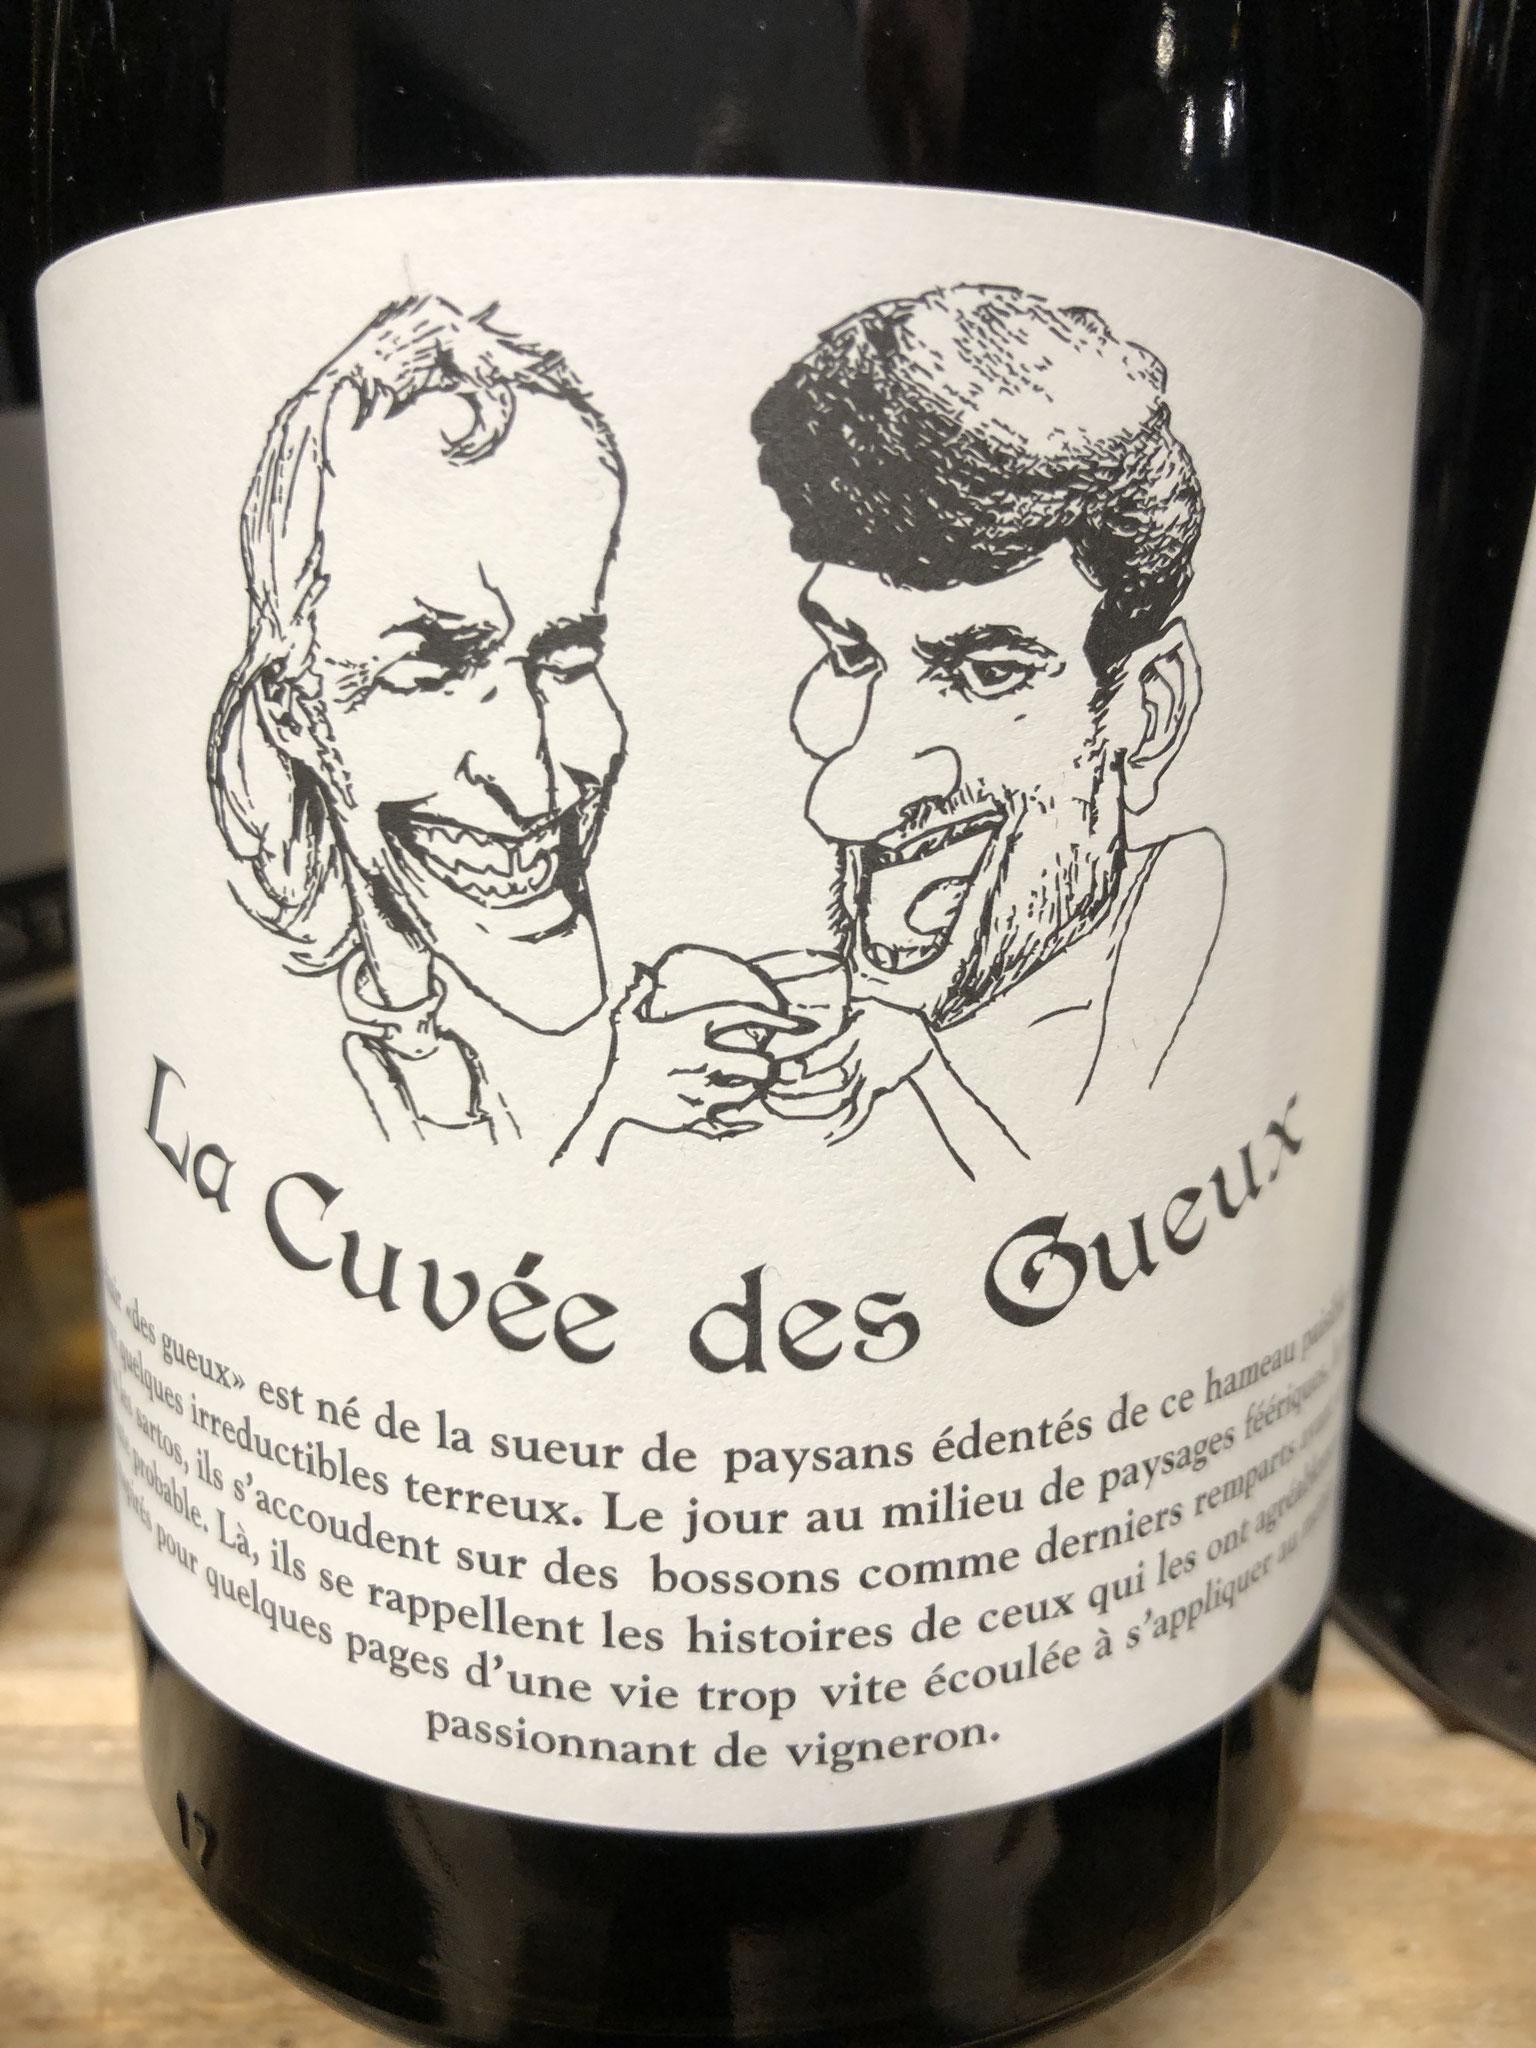 Vin de Savoie van Domaine Adrien Berlioz, 2018, 100% jacquère, bloemig, strak met puntje zoet, geen restsuiker, puur.